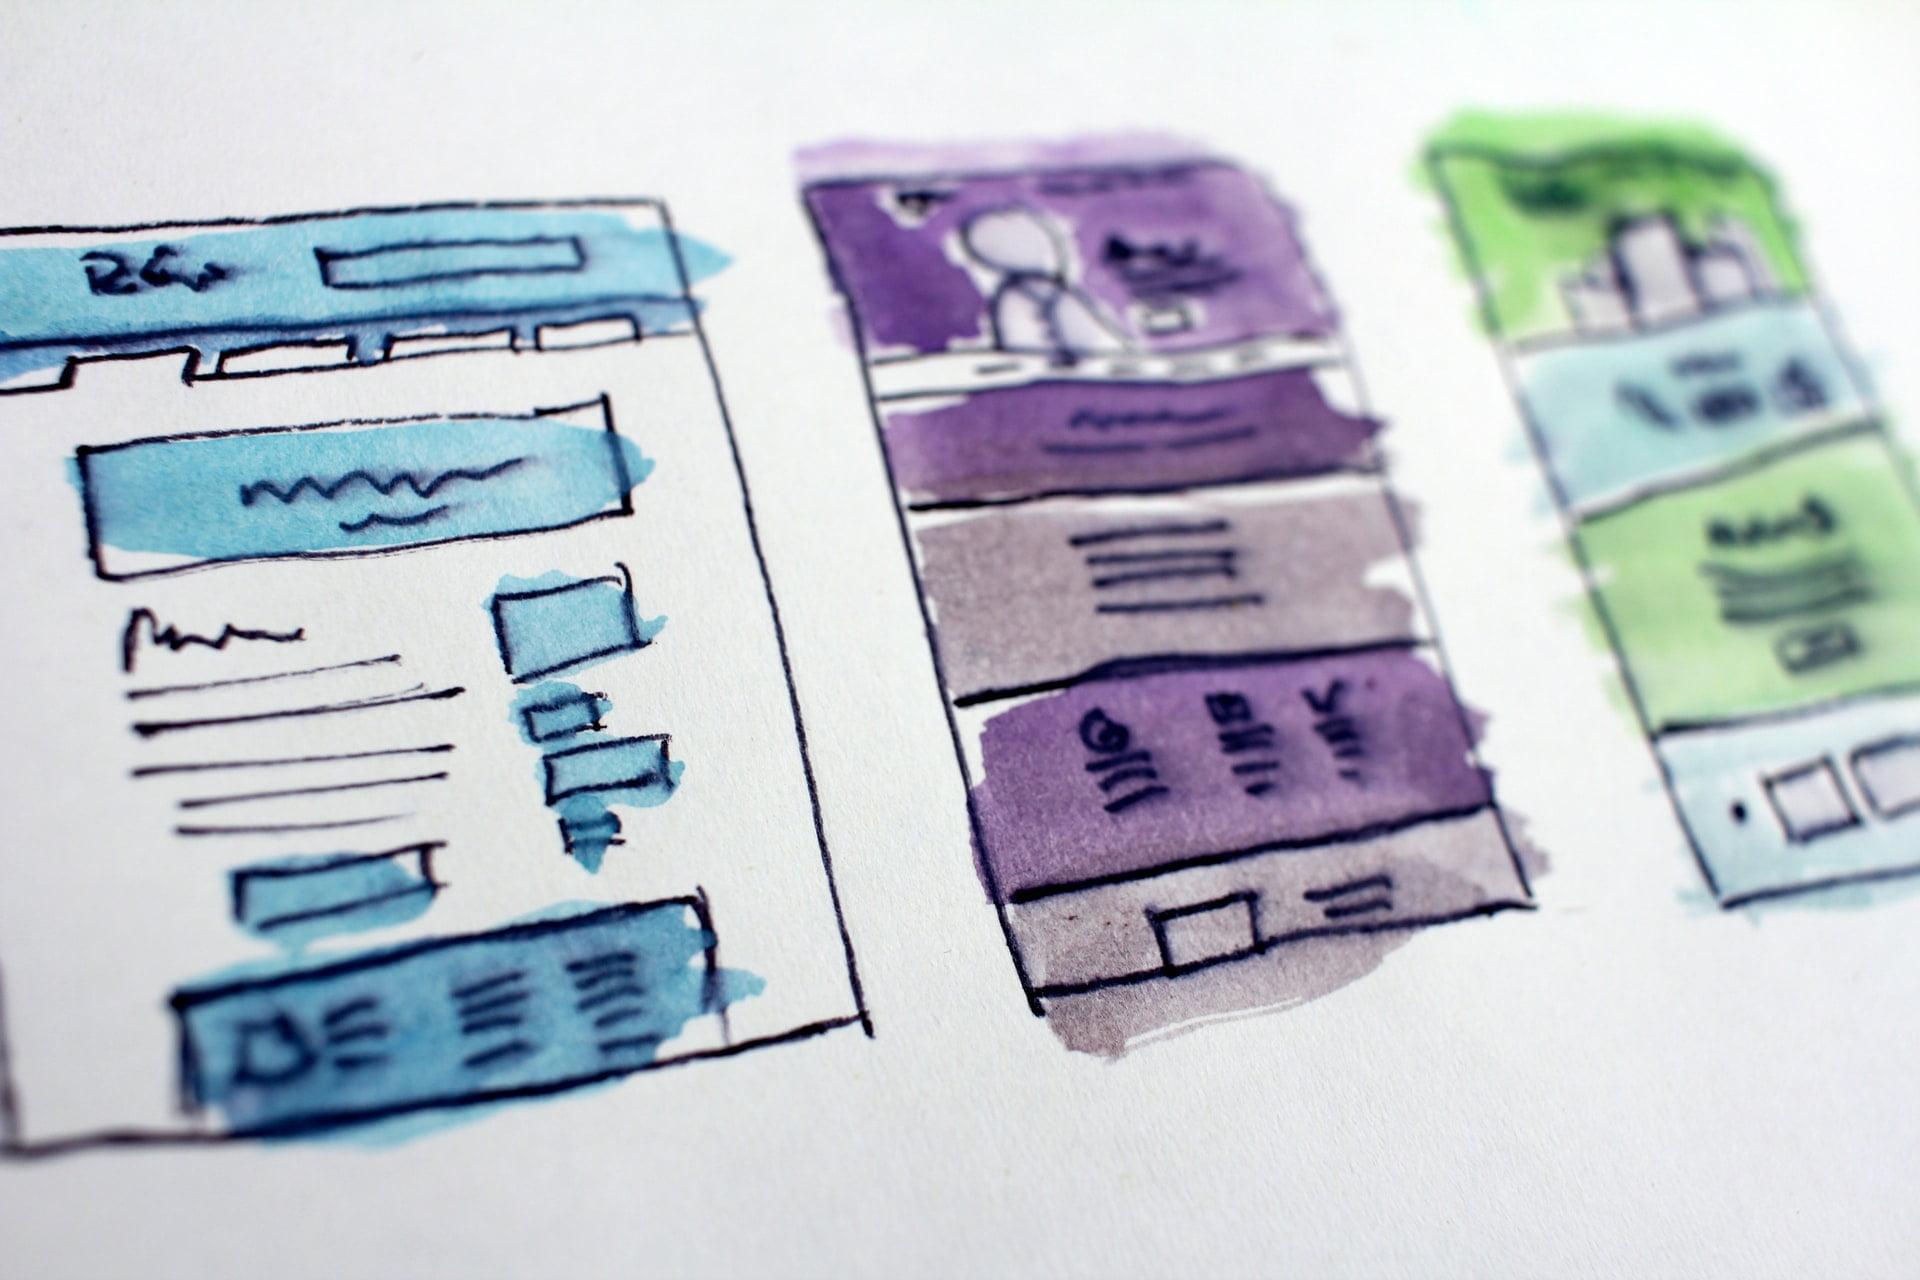 4 requisitos básicos para a criação de sites corporativos